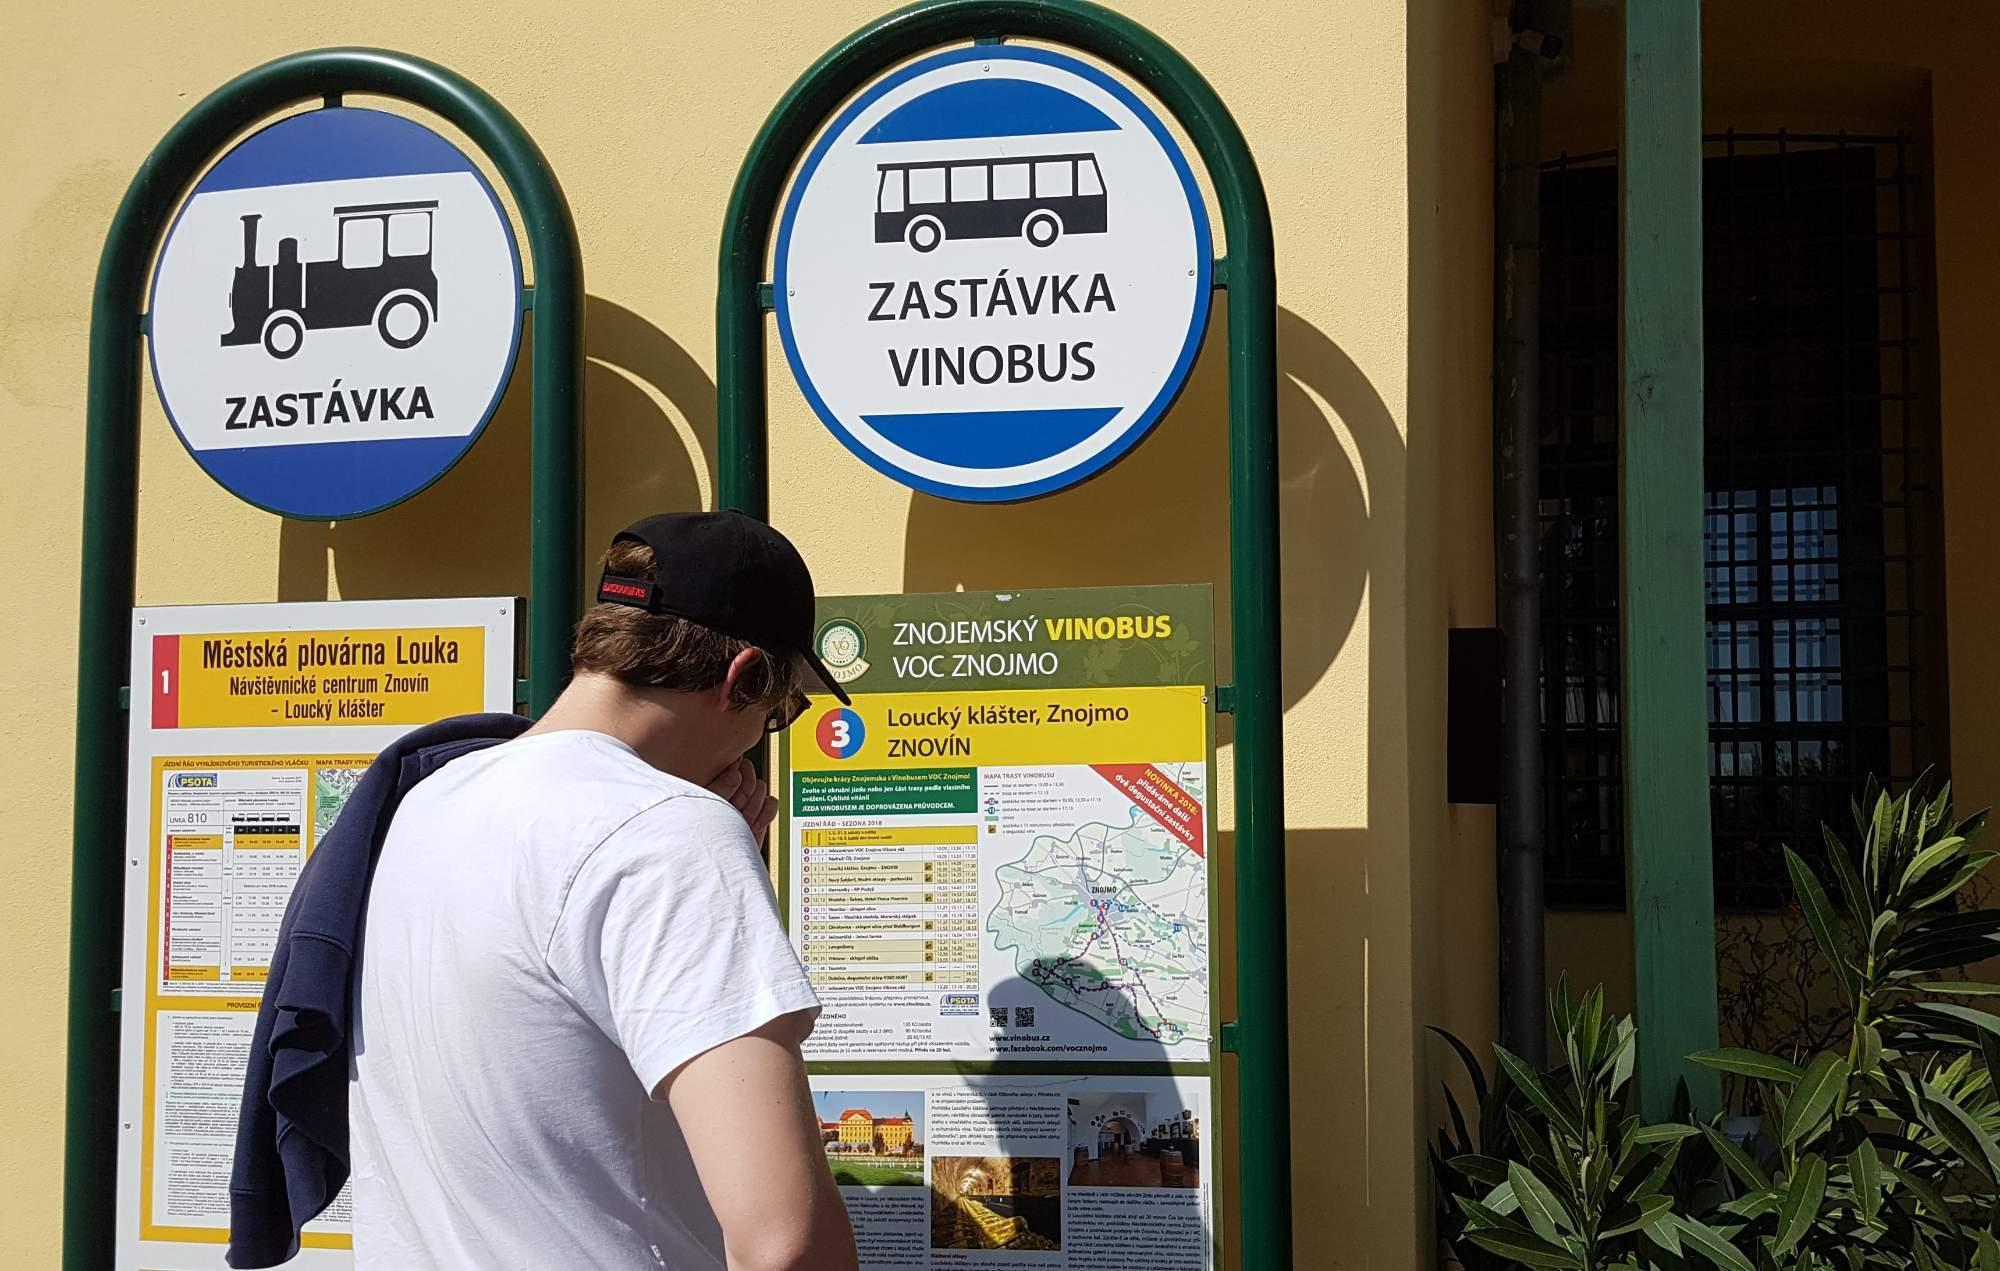 Jedna ze zastávek Vinobusu je u Louckého kláštera, kde sídlí Znovín Znojmo. Foto: Anežka Horová.